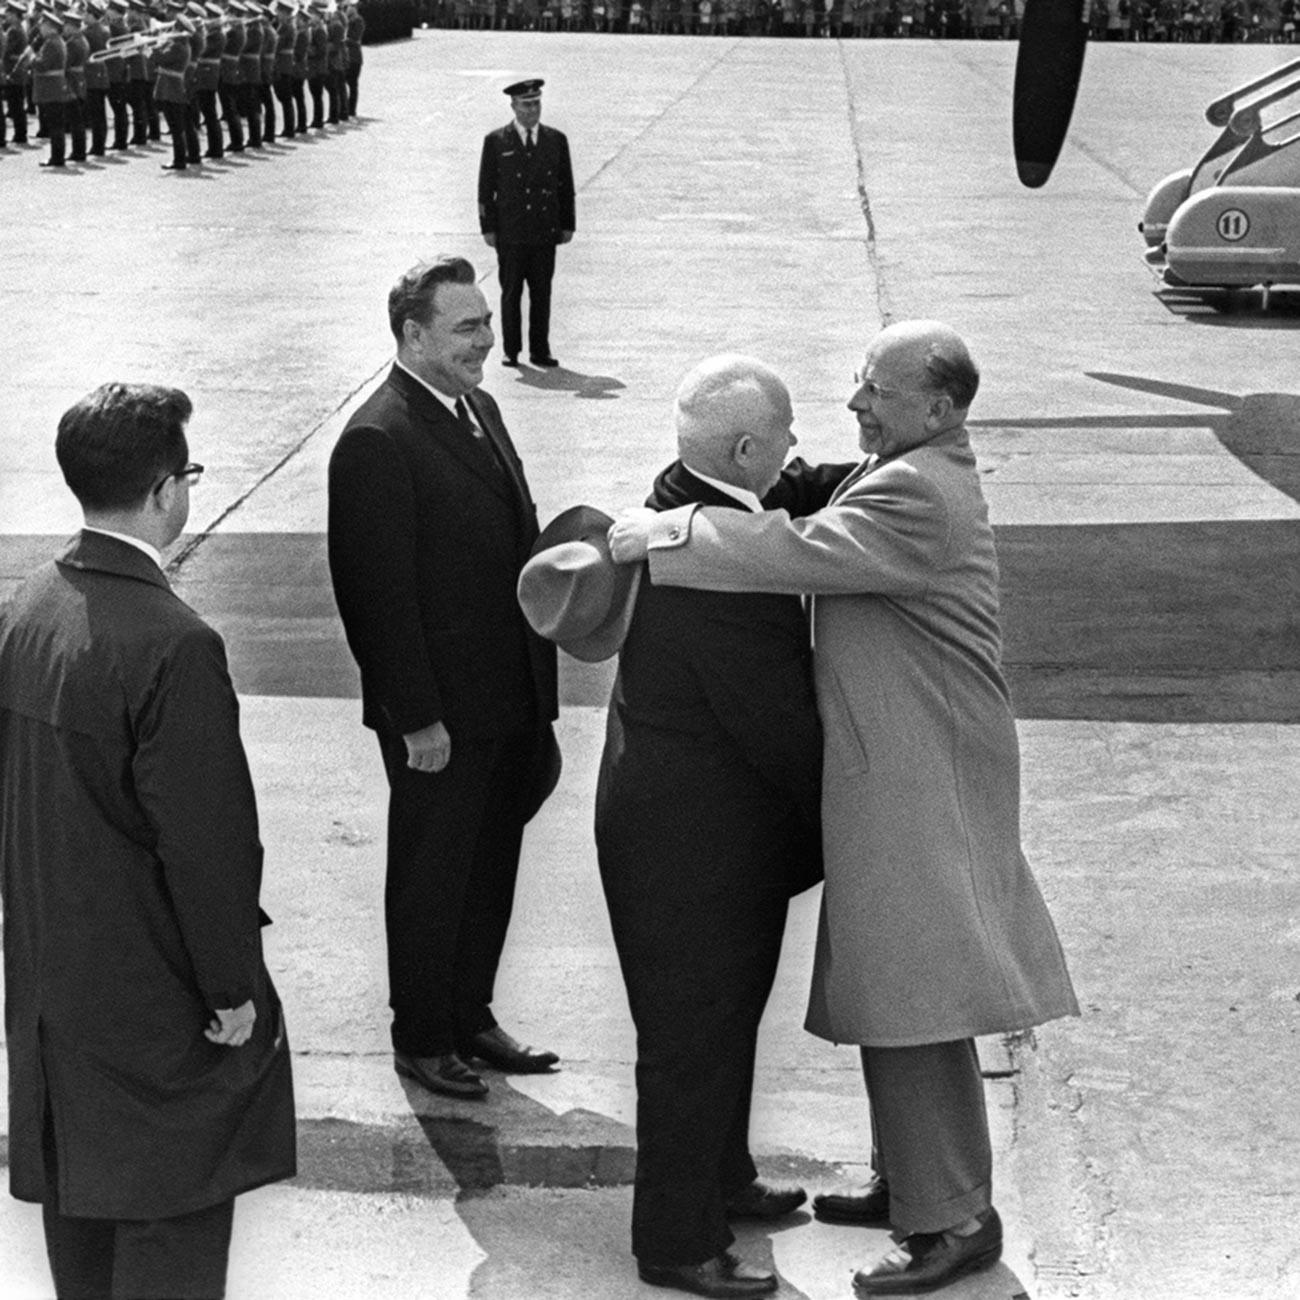 Шеф државе Никита Хрушчов заједно са Леонидом Брежњевом дочекује лидера Источне Немачке Валтера Улбрихта.